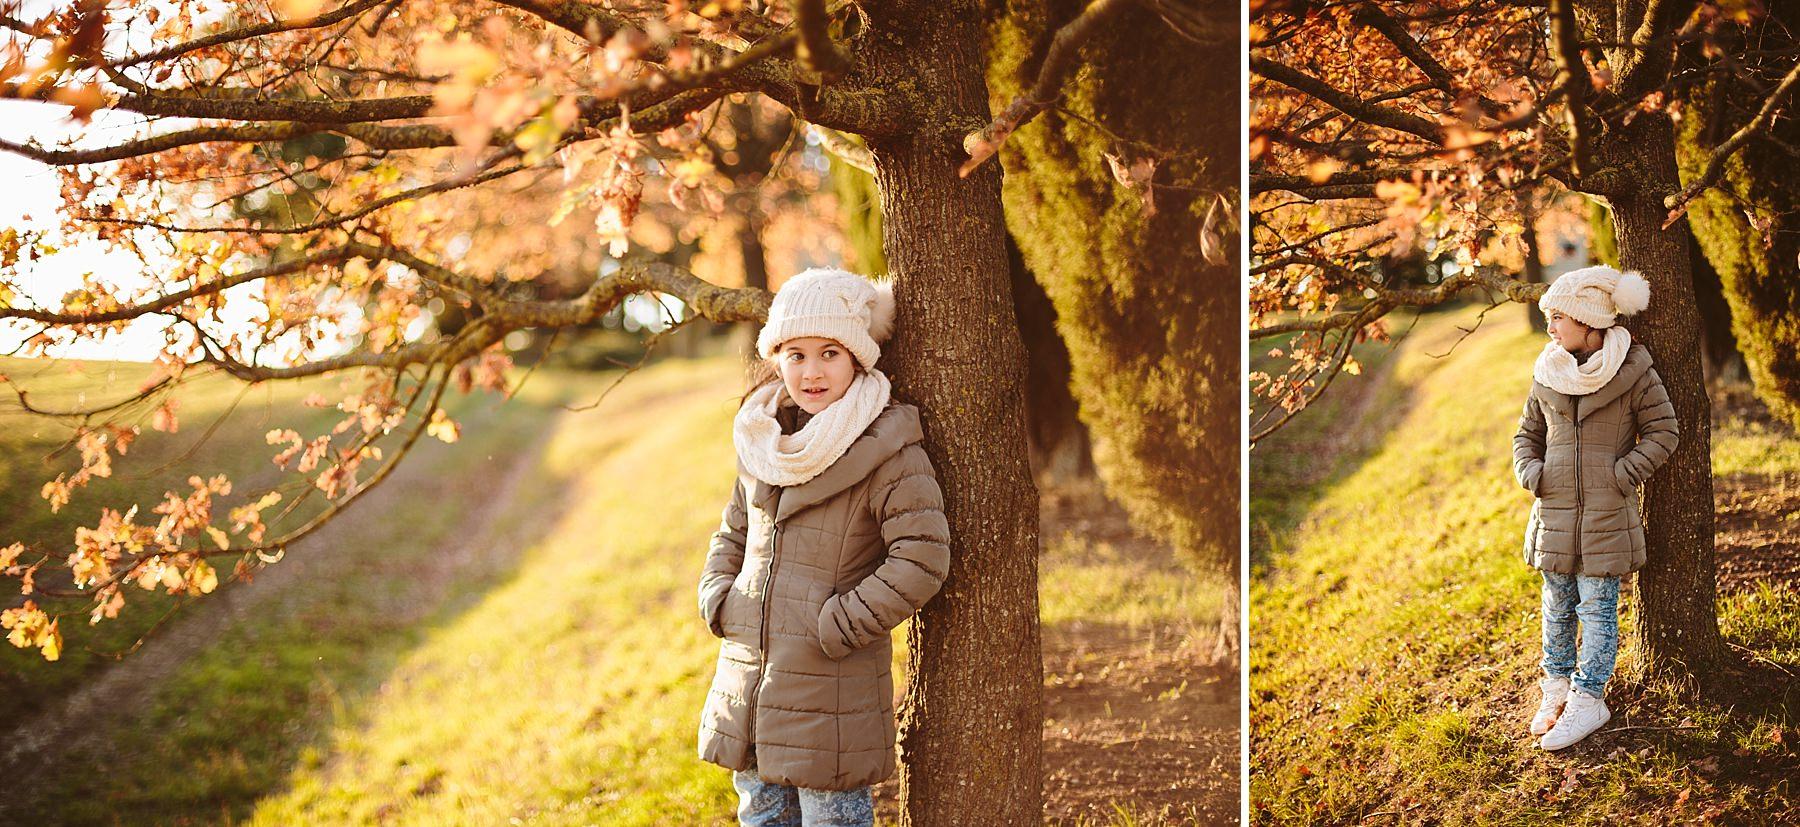 Servizio Fotografico ad una bellissima Bambina in esterno